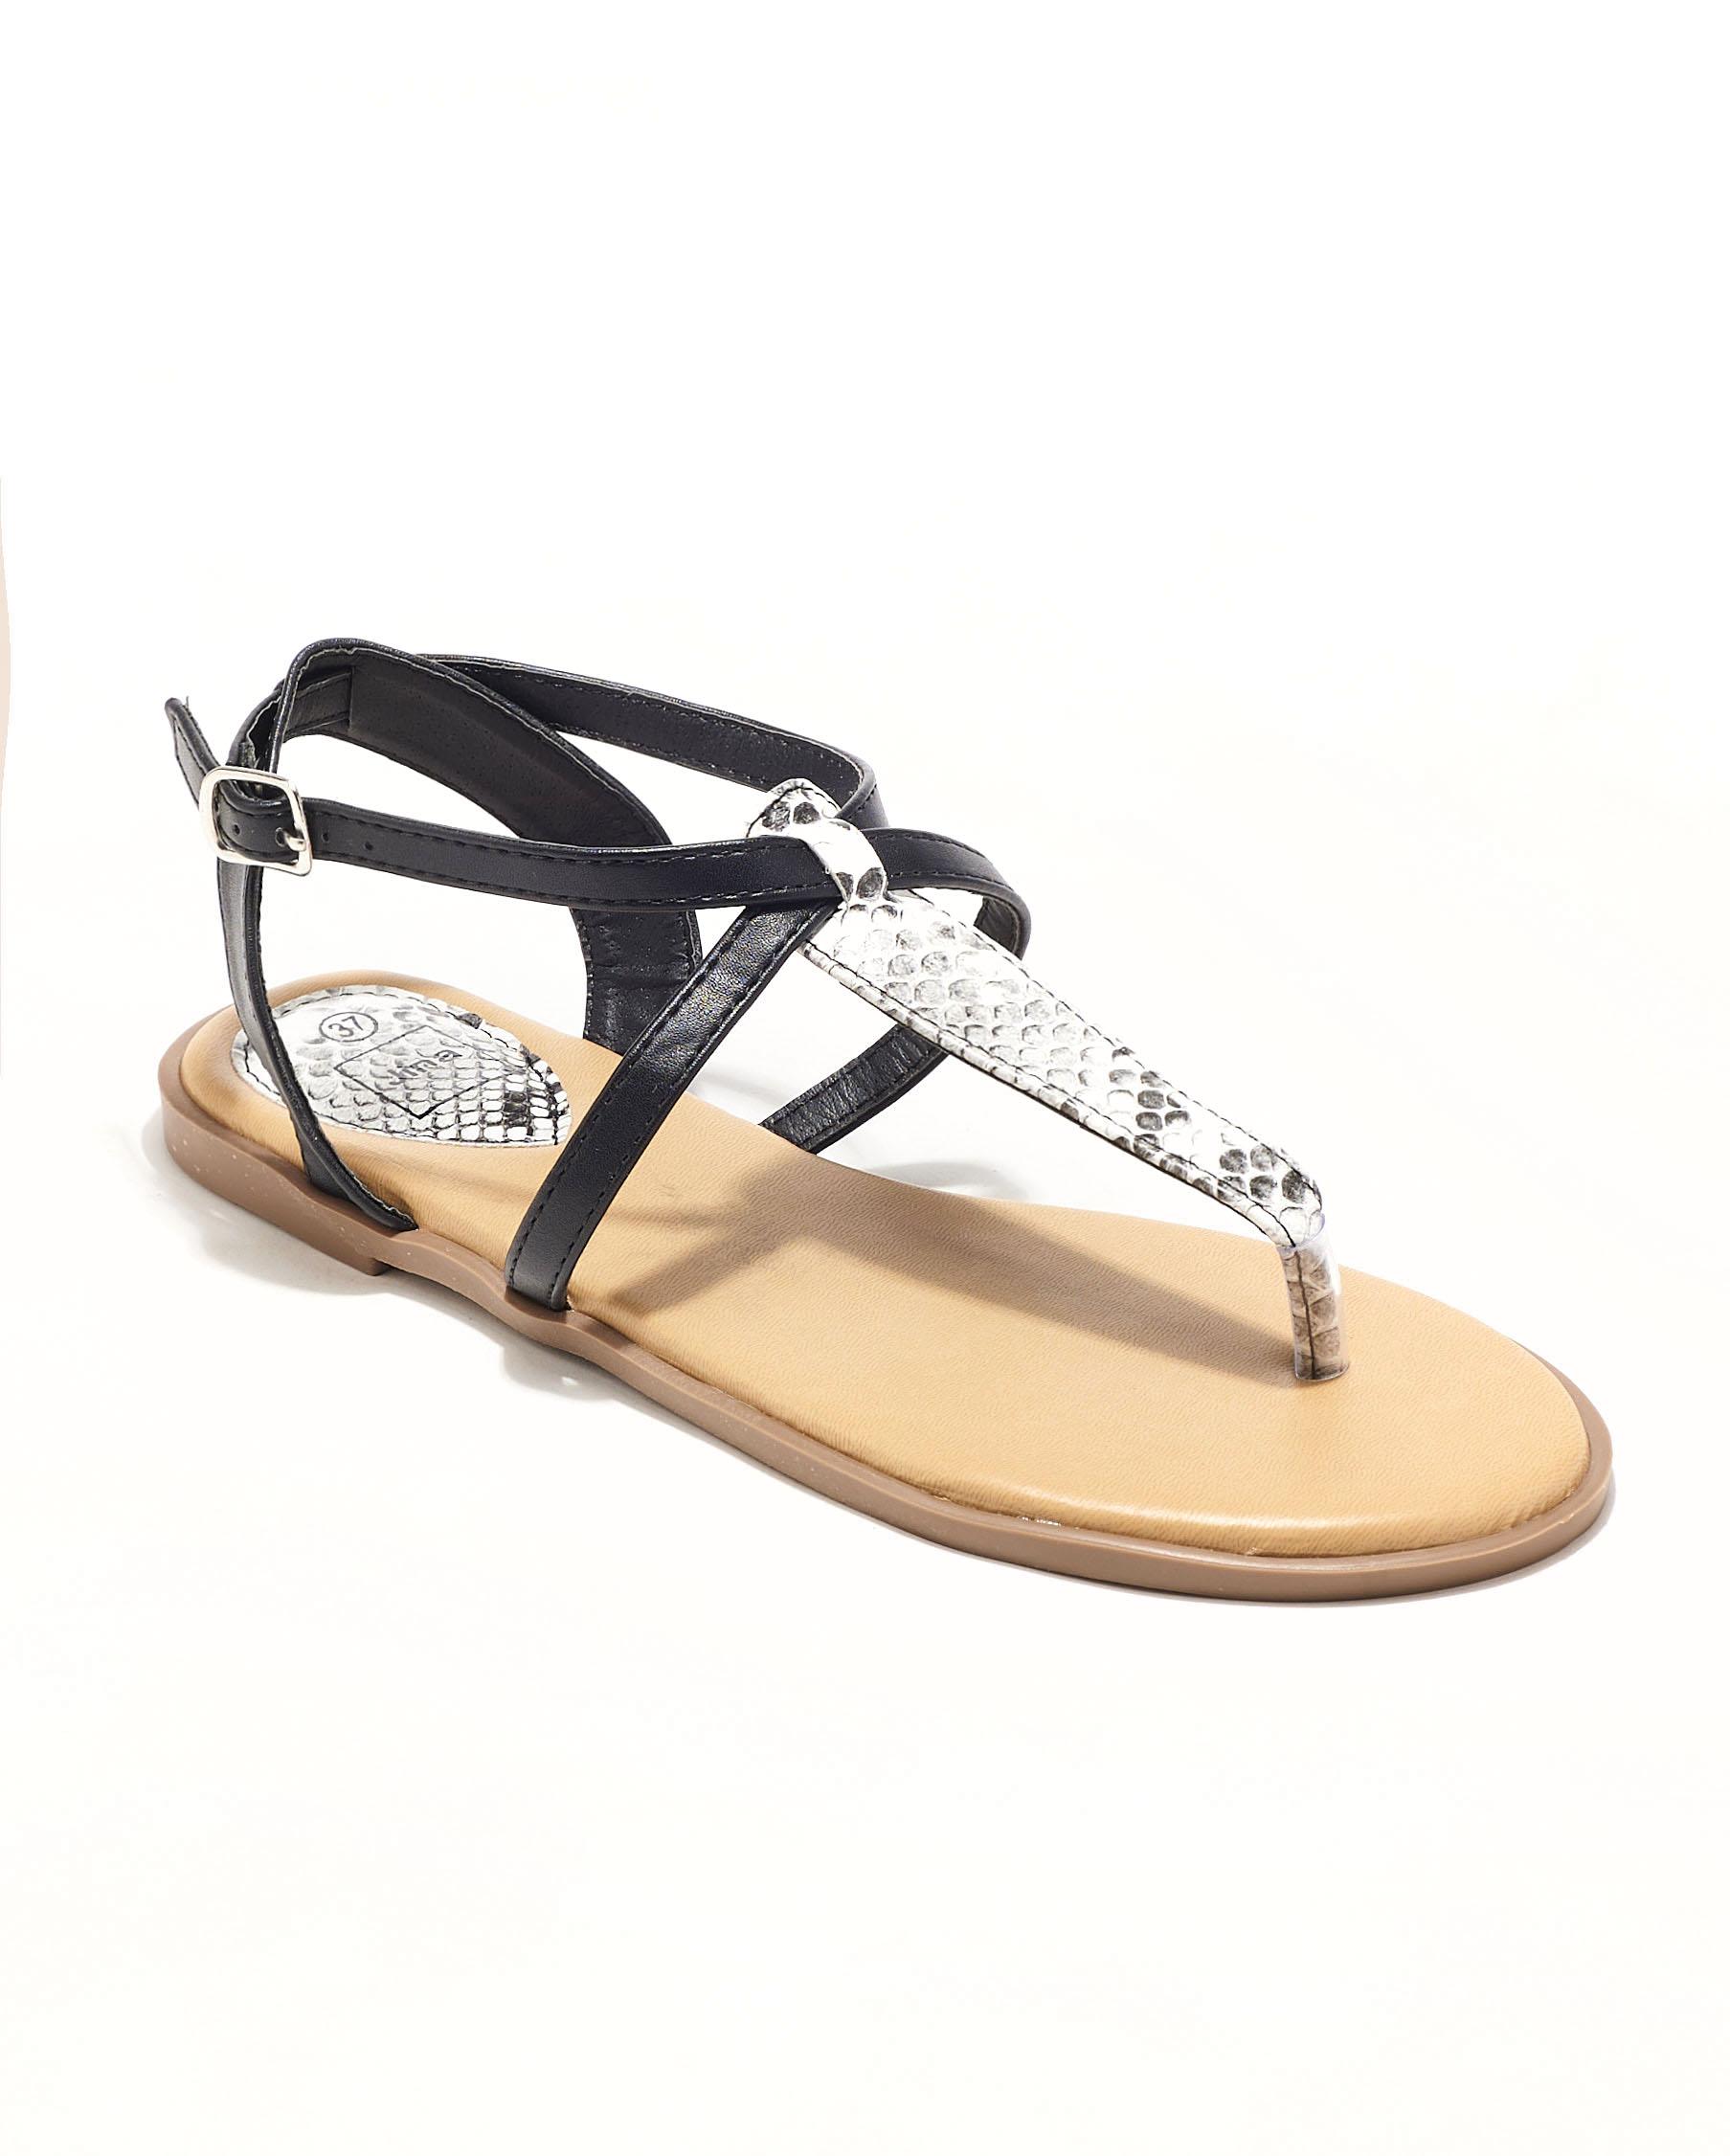 Sandales Plates Femme - Sandale Plate Python Noir Jina - Style 1 Zh P06